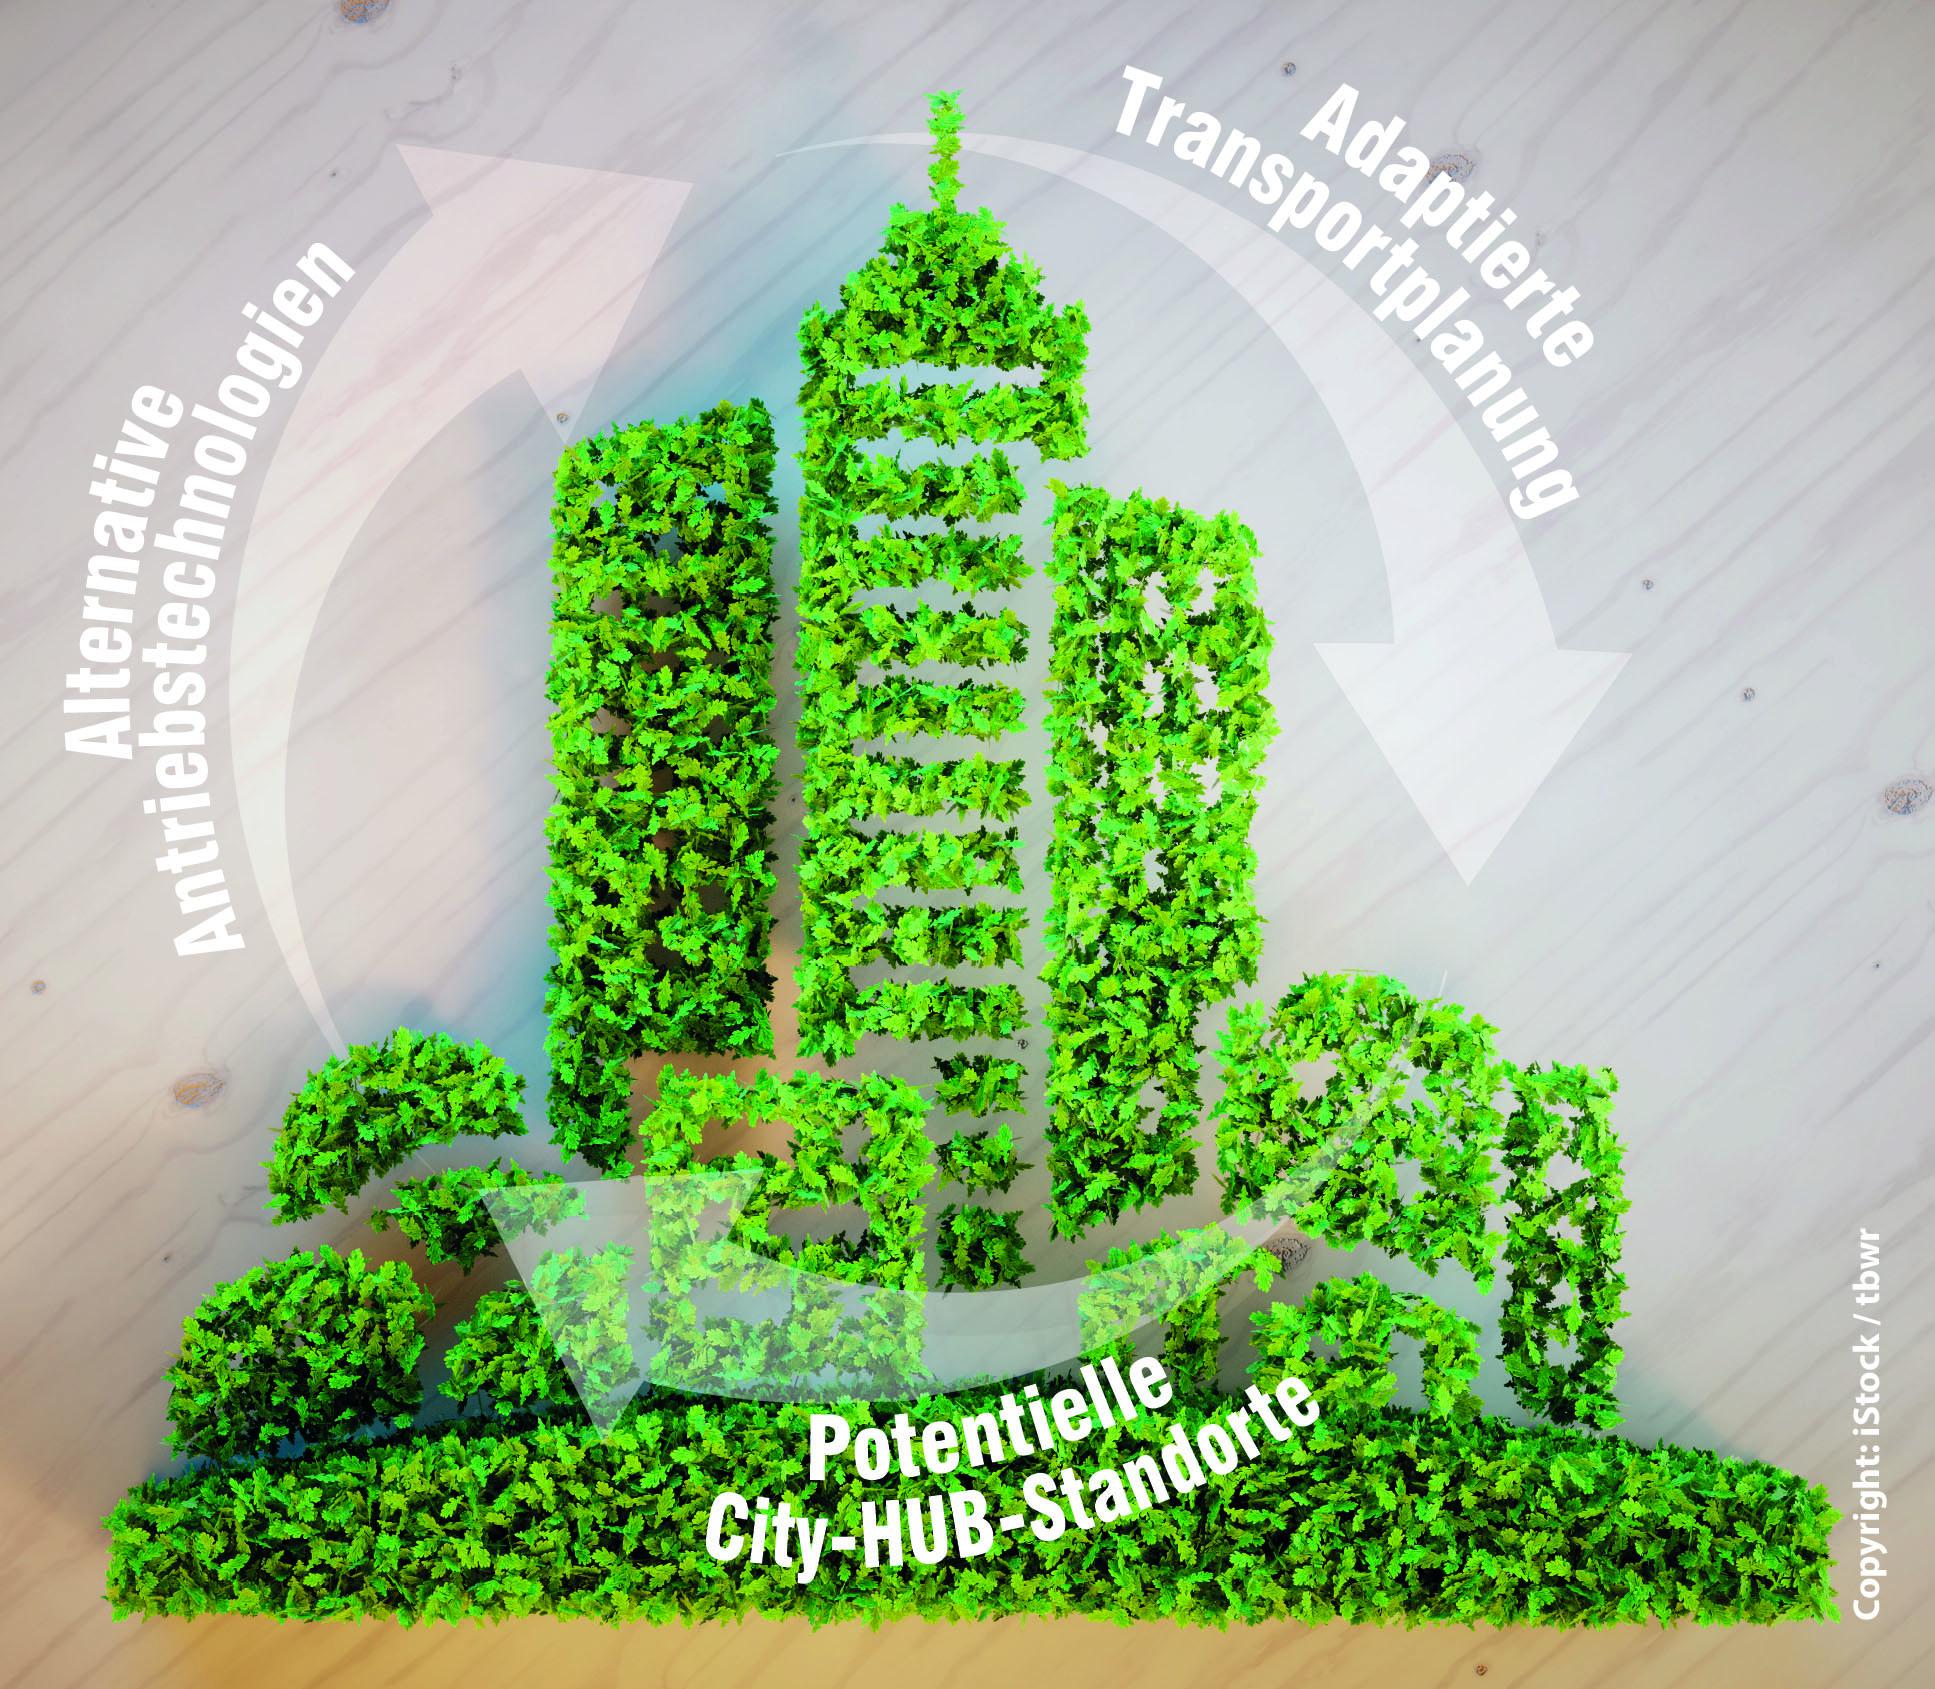 Green City Hubs